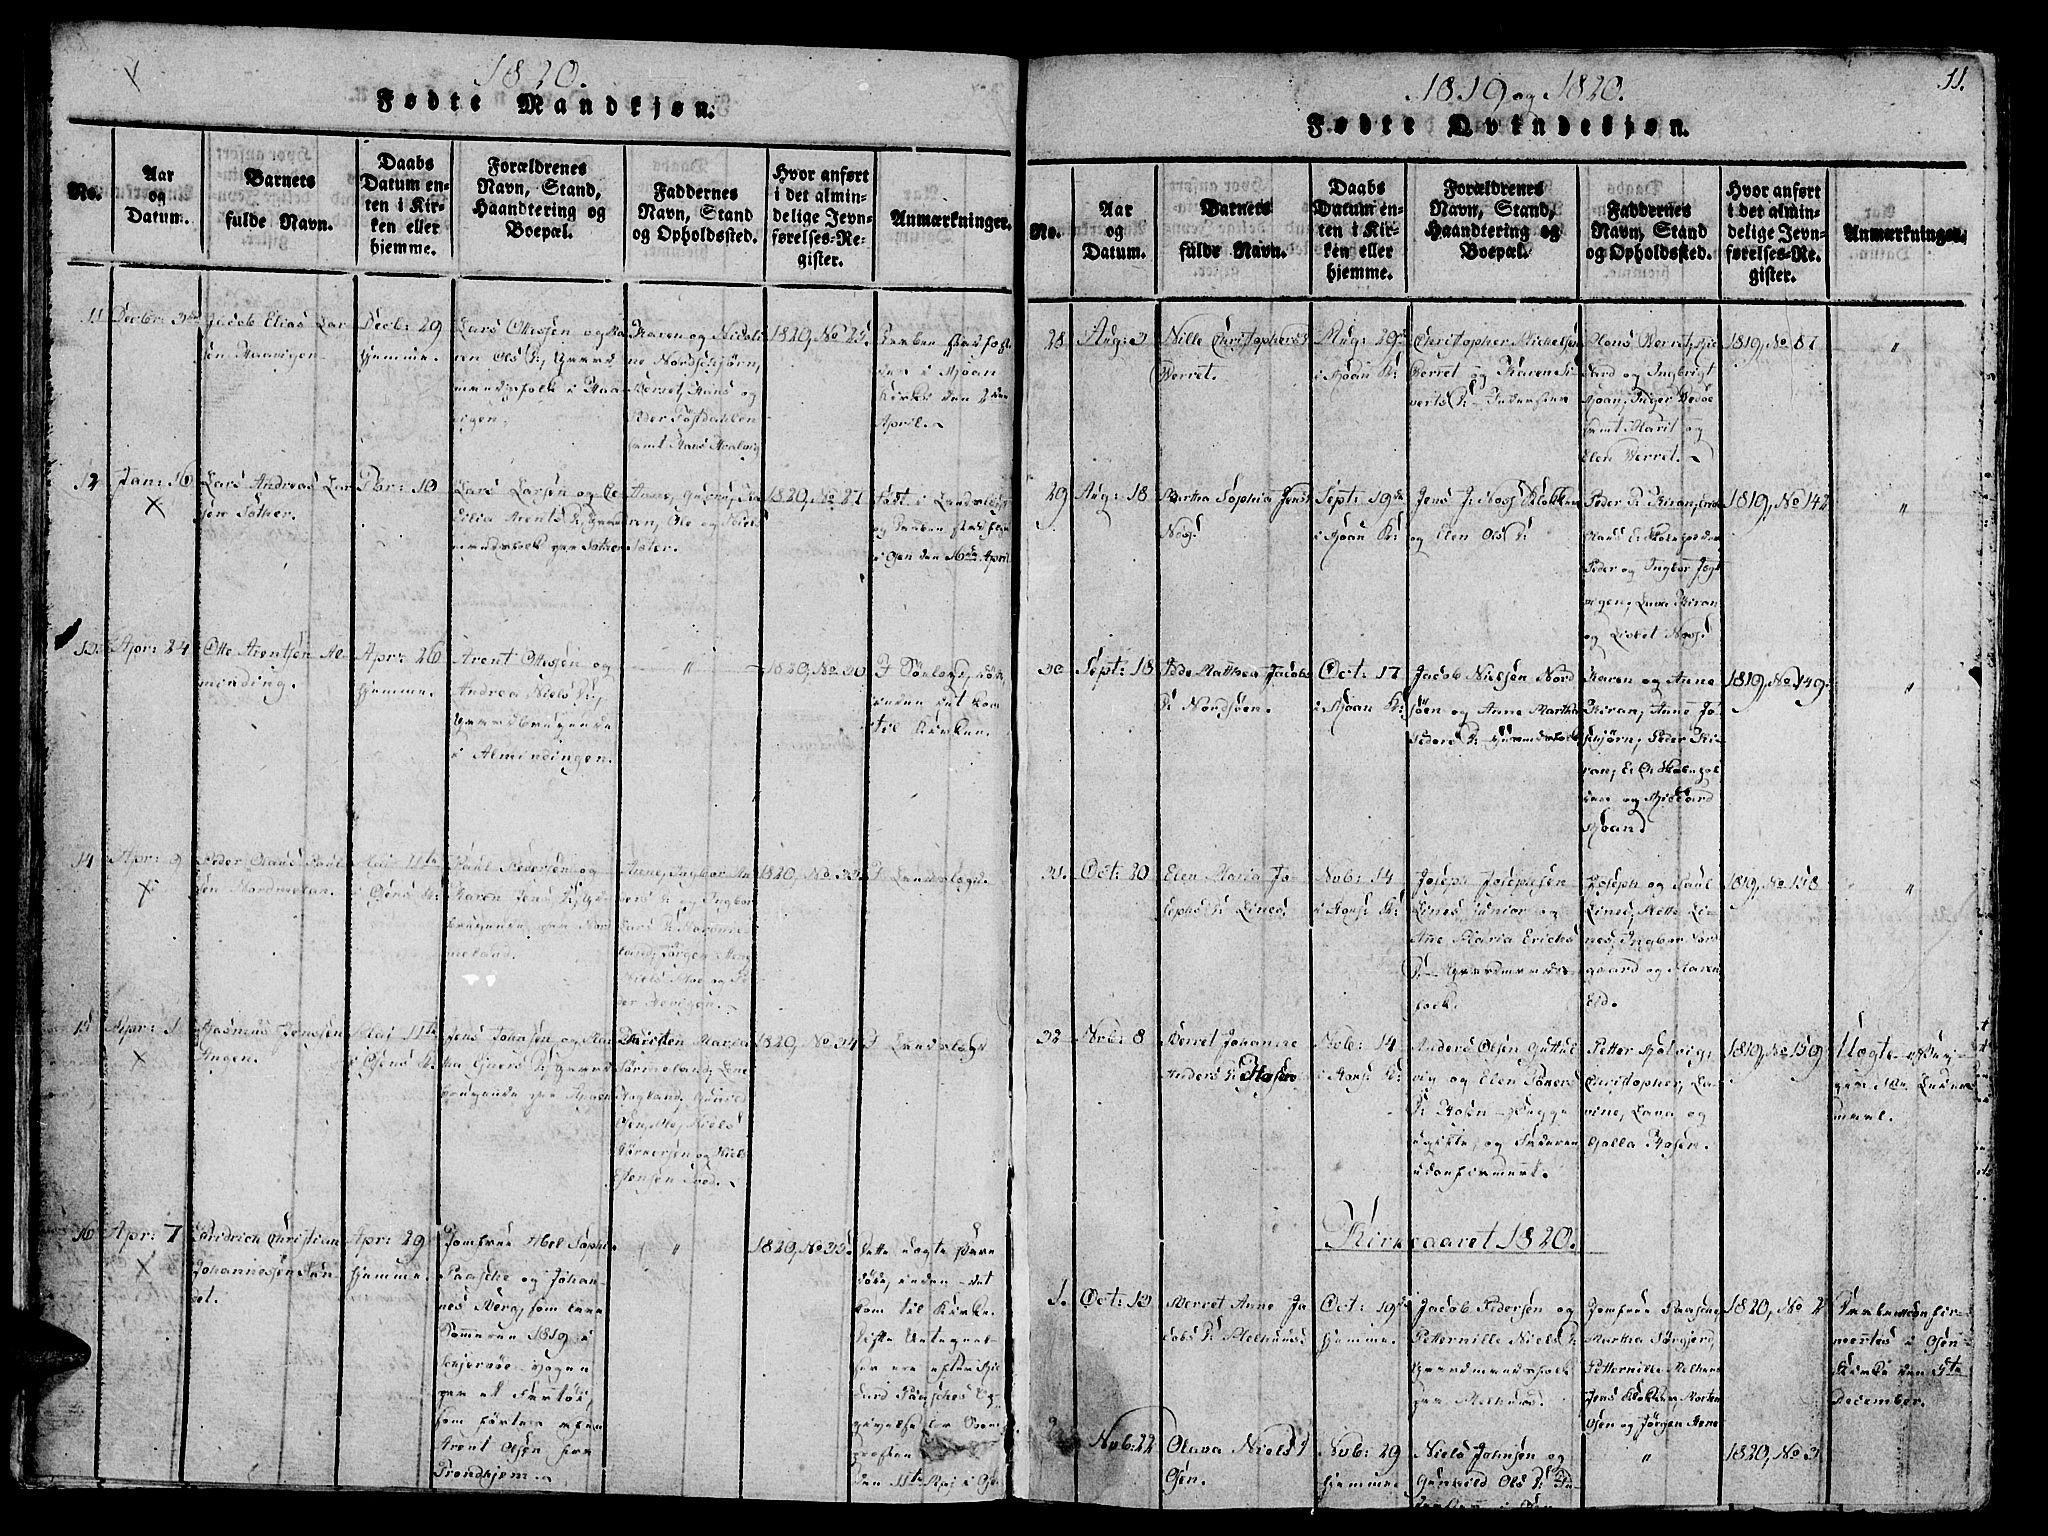 SAT, Ministerialprotokoller, klokkerbøker og fødselsregistre - Sør-Trøndelag, 657/L0702: Ministerialbok nr. 657A03, 1818-1831, s. 11